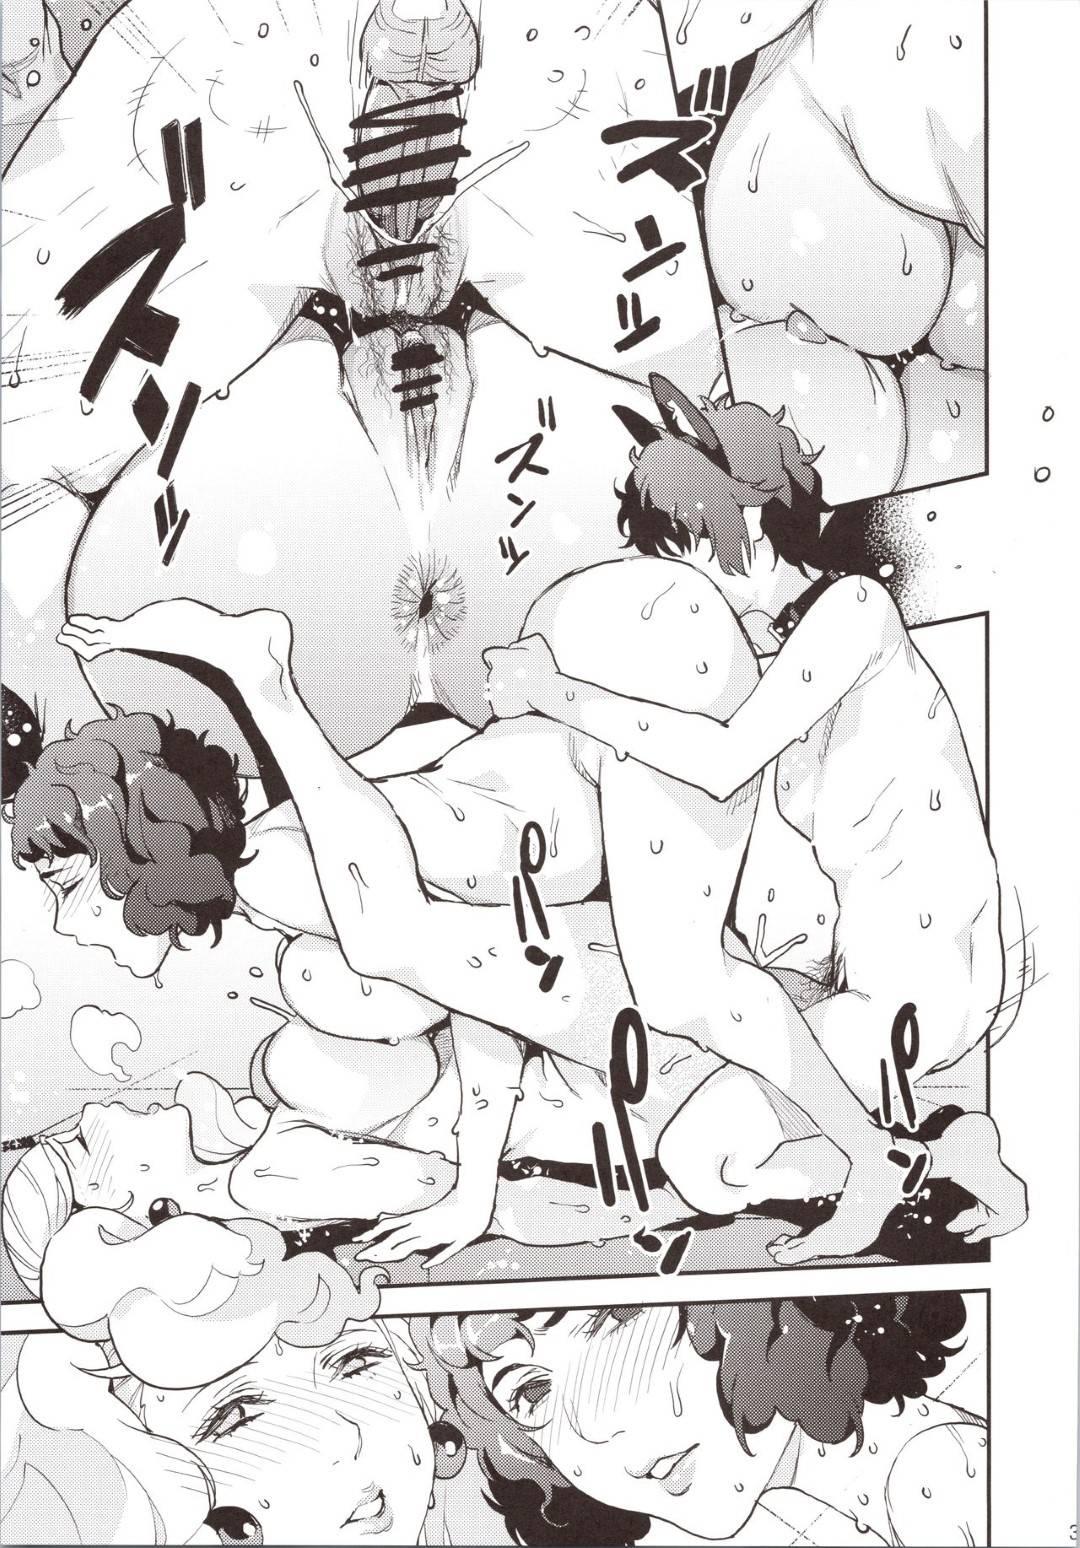 【ペルソナエロ漫画】8股していたことがバレて彼女たちに問い詰められた挙げ句手錠で拘束されてしまった主人公。囲まれて言い逃れできなくなった彼は取り合うように逆レイプされてしまう!一斉にフェラされたり次々と騎乗位で挿入!【あずきこ】